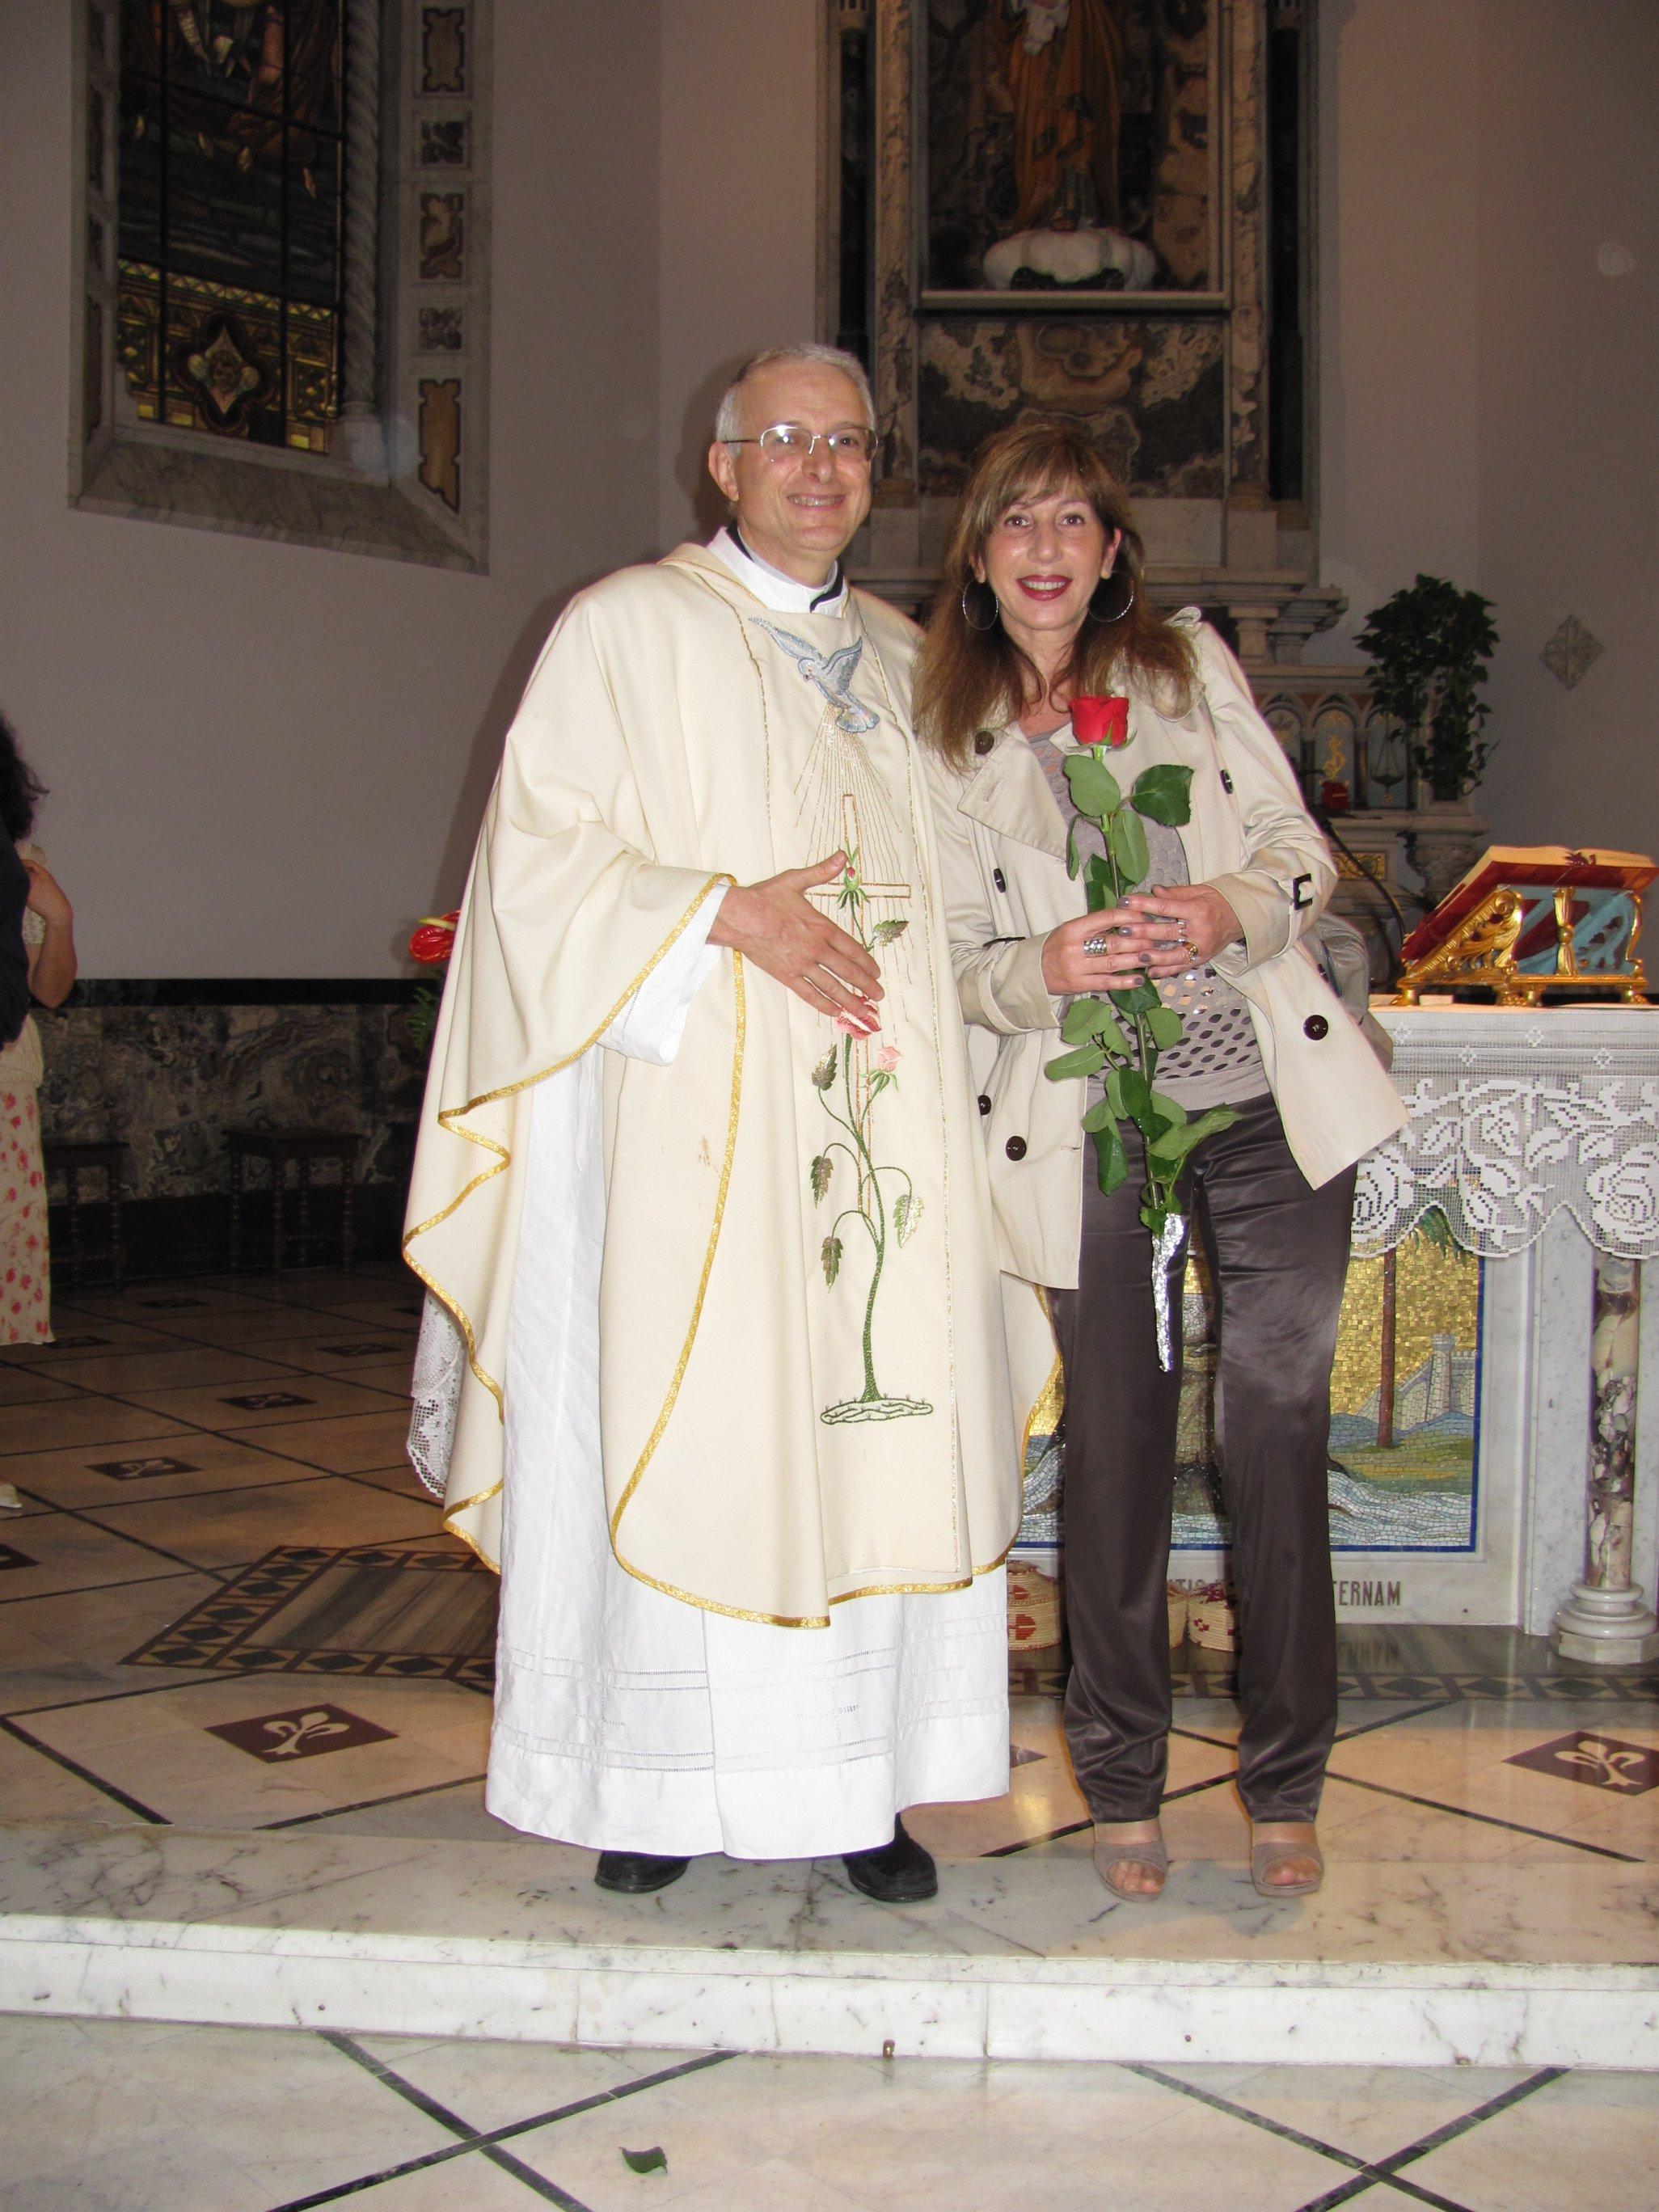 anniversari_di_matrimonio_e_di_ordinazione_2012-06-03-11-22-59